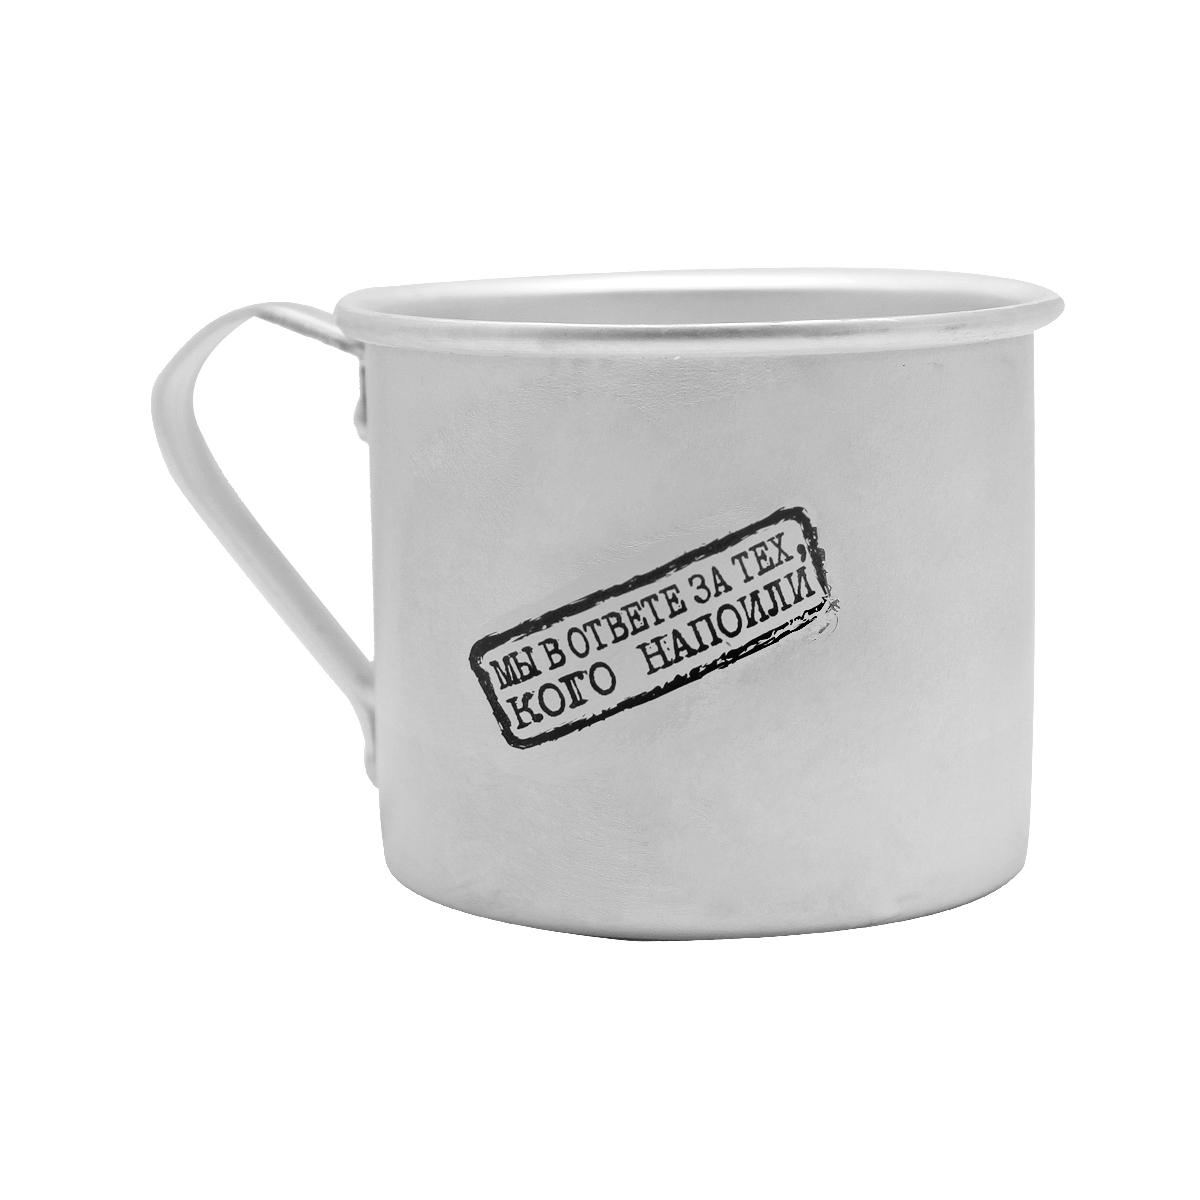 Кружка походная Экспедиция Мы в ответе за тех, кого напоили, цвет: серый, 0,5 лEALU-01Тот, кто хоть раз в жизни был в настоящем походе, знает, насколько ценным предметом является туристическая алюминиевая кружка. Она поможет умыться, приготовить обед, заварить ароматный чай на всю компанию, который согреет в холодную ночь вдали от дома. Походная кружка из алюминия с веселой надписью «Мы в ответе за тех, кого напоили» вместительностью 0,5 л – оригинальный подарок для дорогого вашему сердцу путешественника. Она станет служить ему напоминанием о том, что отдыхать нужно с умом, а чувство юмора иногда спасает в самых сложных жизненных ситуациях.